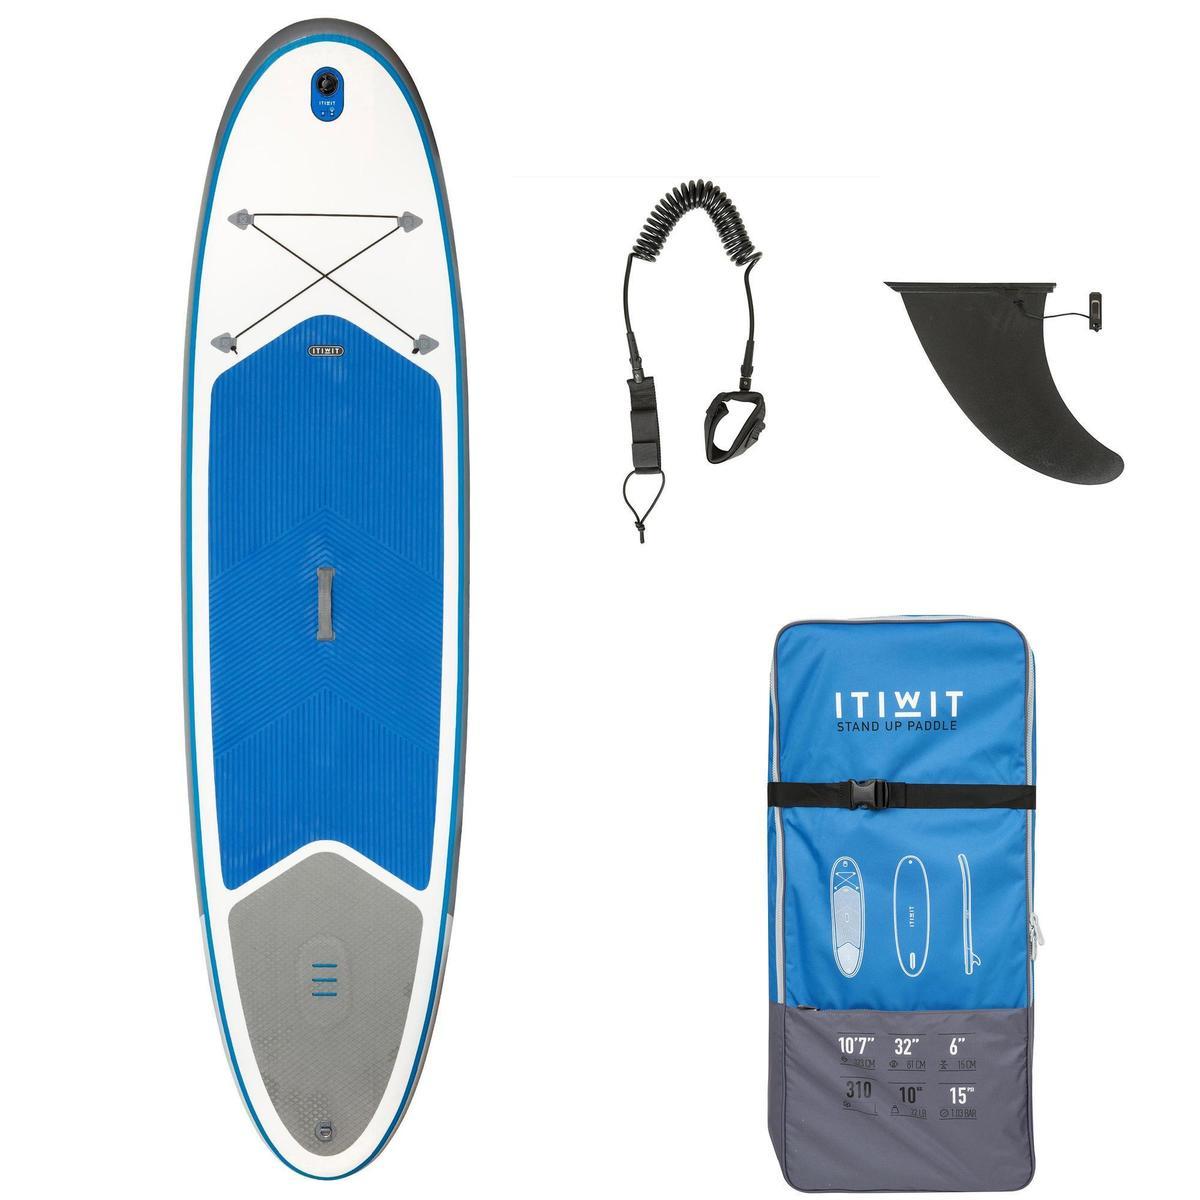 Bild 1 von SUP-Board Stand Up Paddle aufblasbar 100 / 10'7 blau